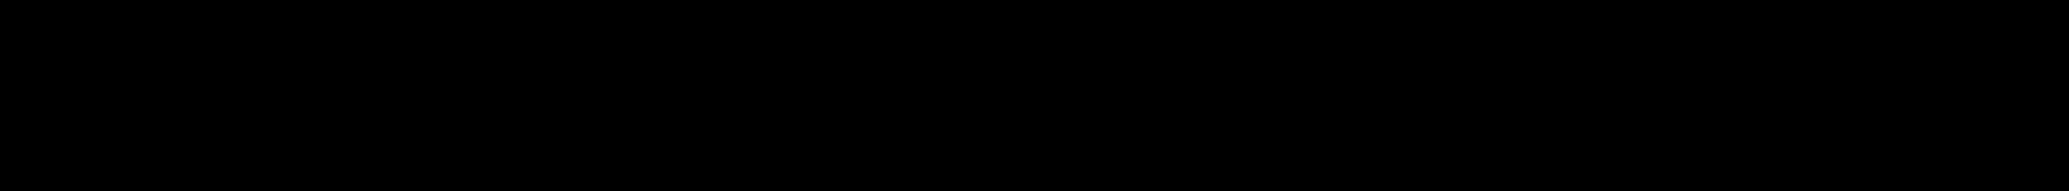 Design System D 300R